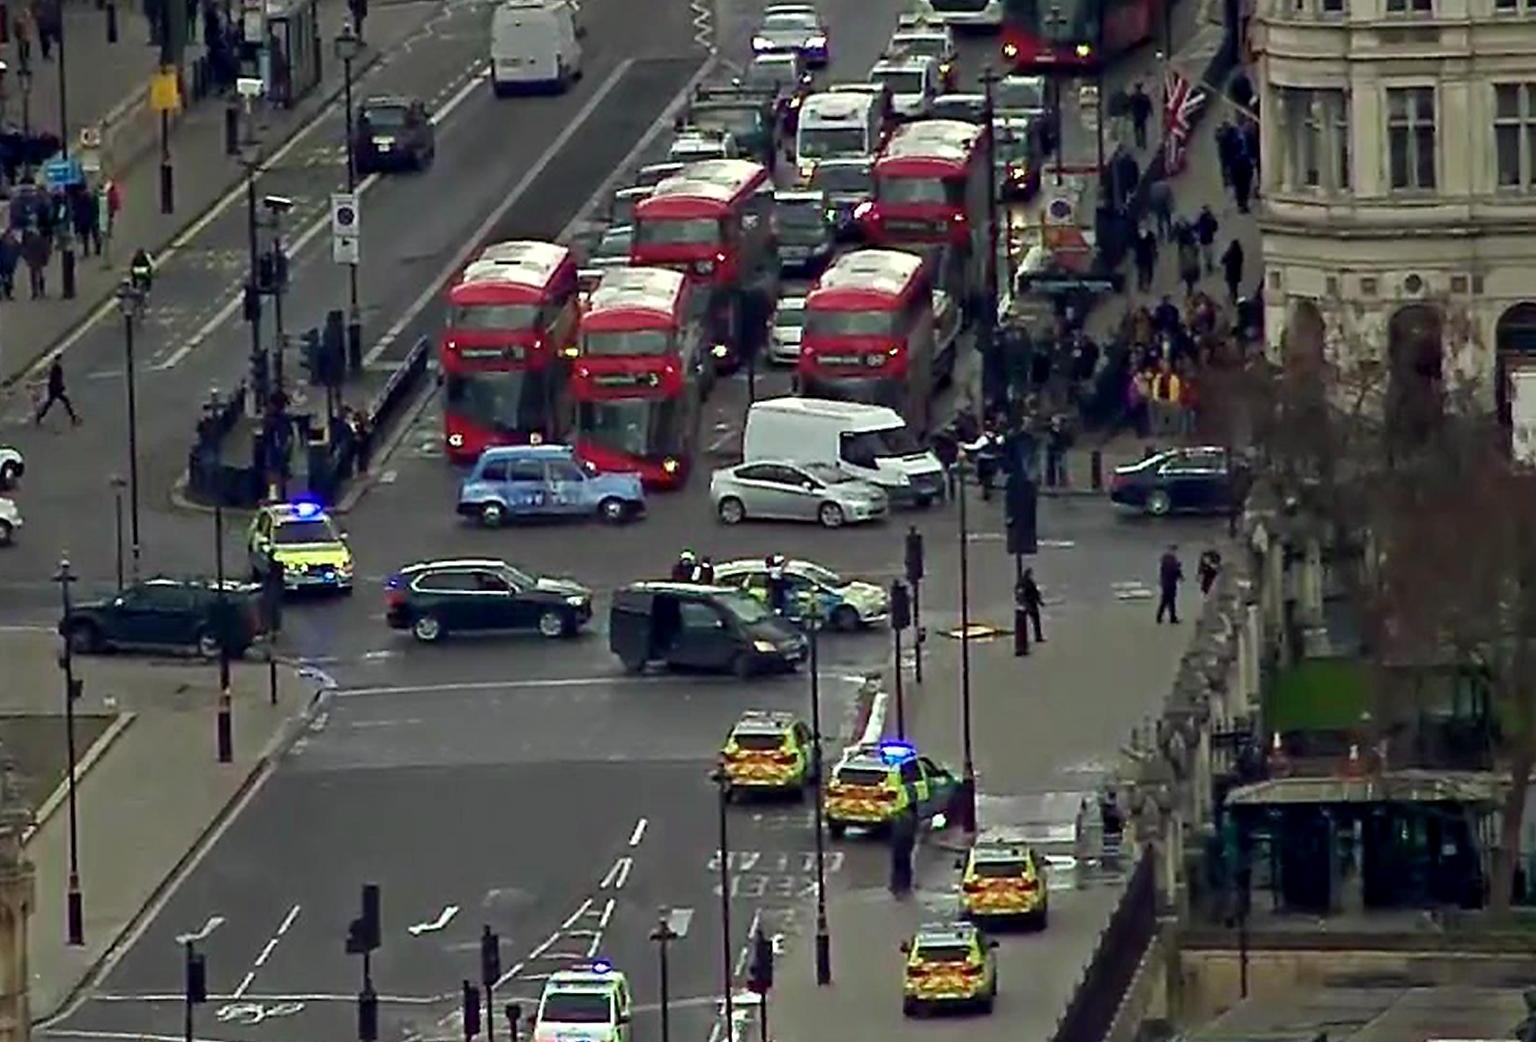 Strzelanina przed siedzibą brytyjskiego parlamentu w Londynie